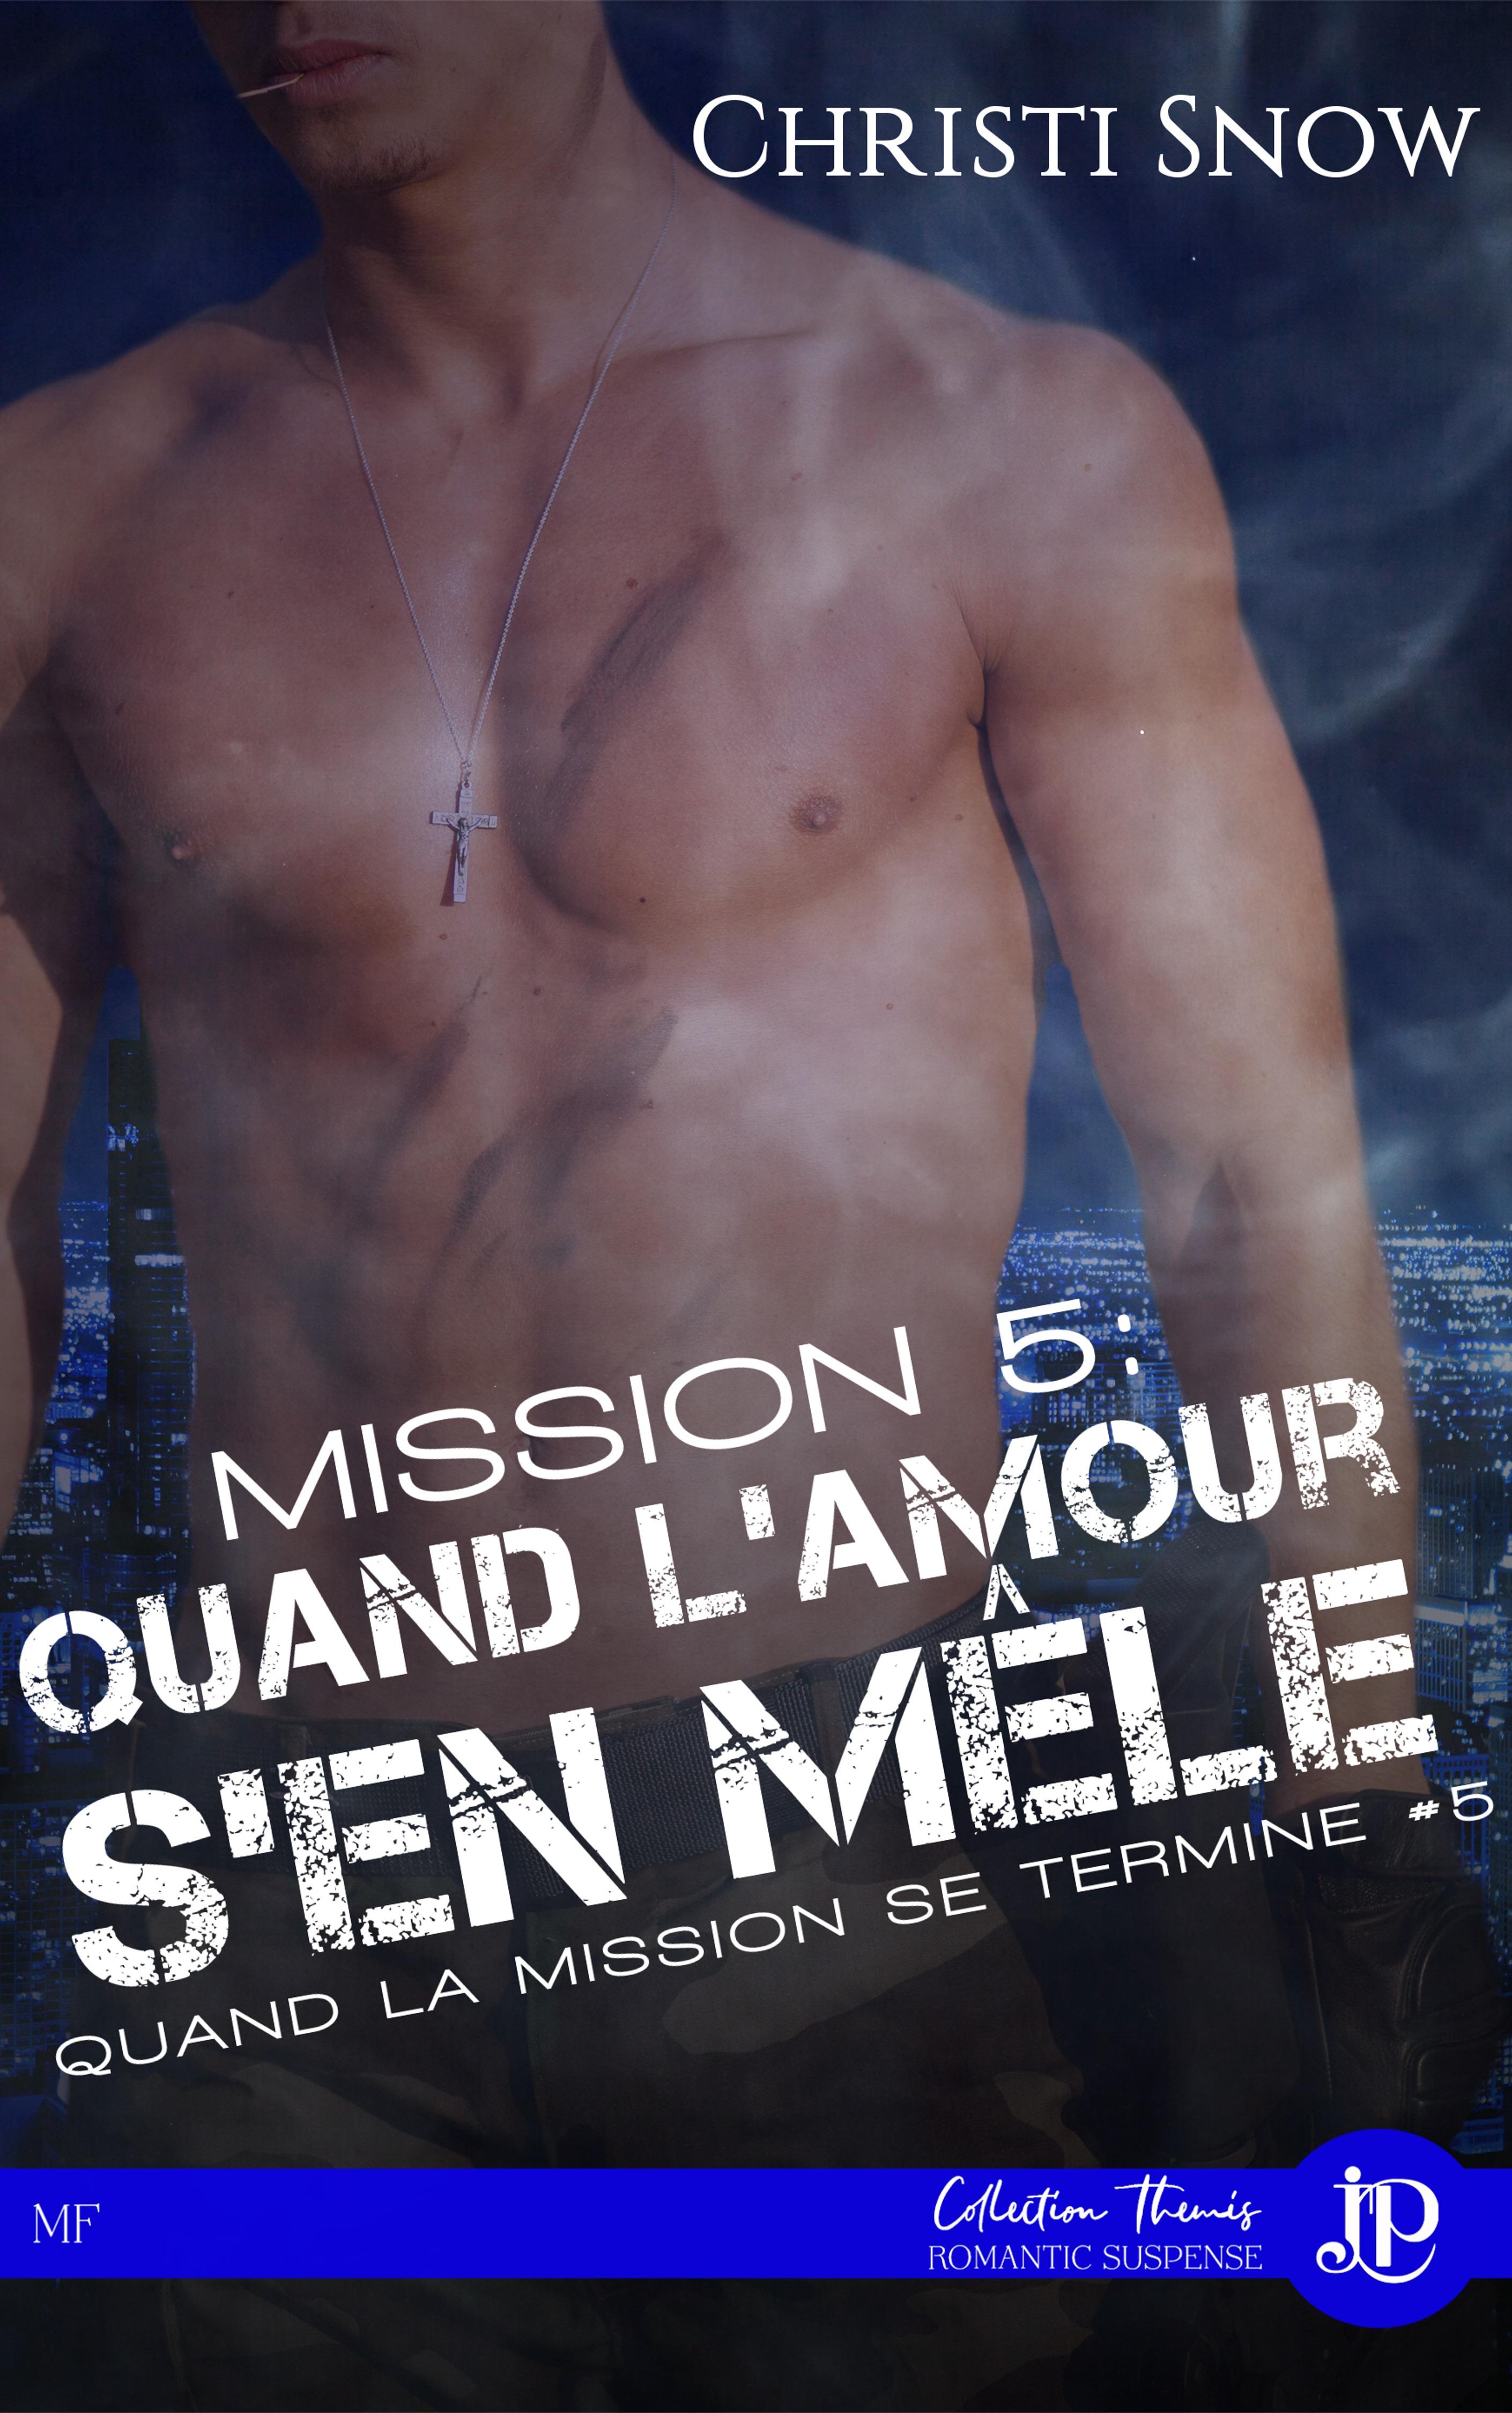 Mission 5 : Quand l'amour s'en mêle, QUAND LA MISSION SE TERMINE #5